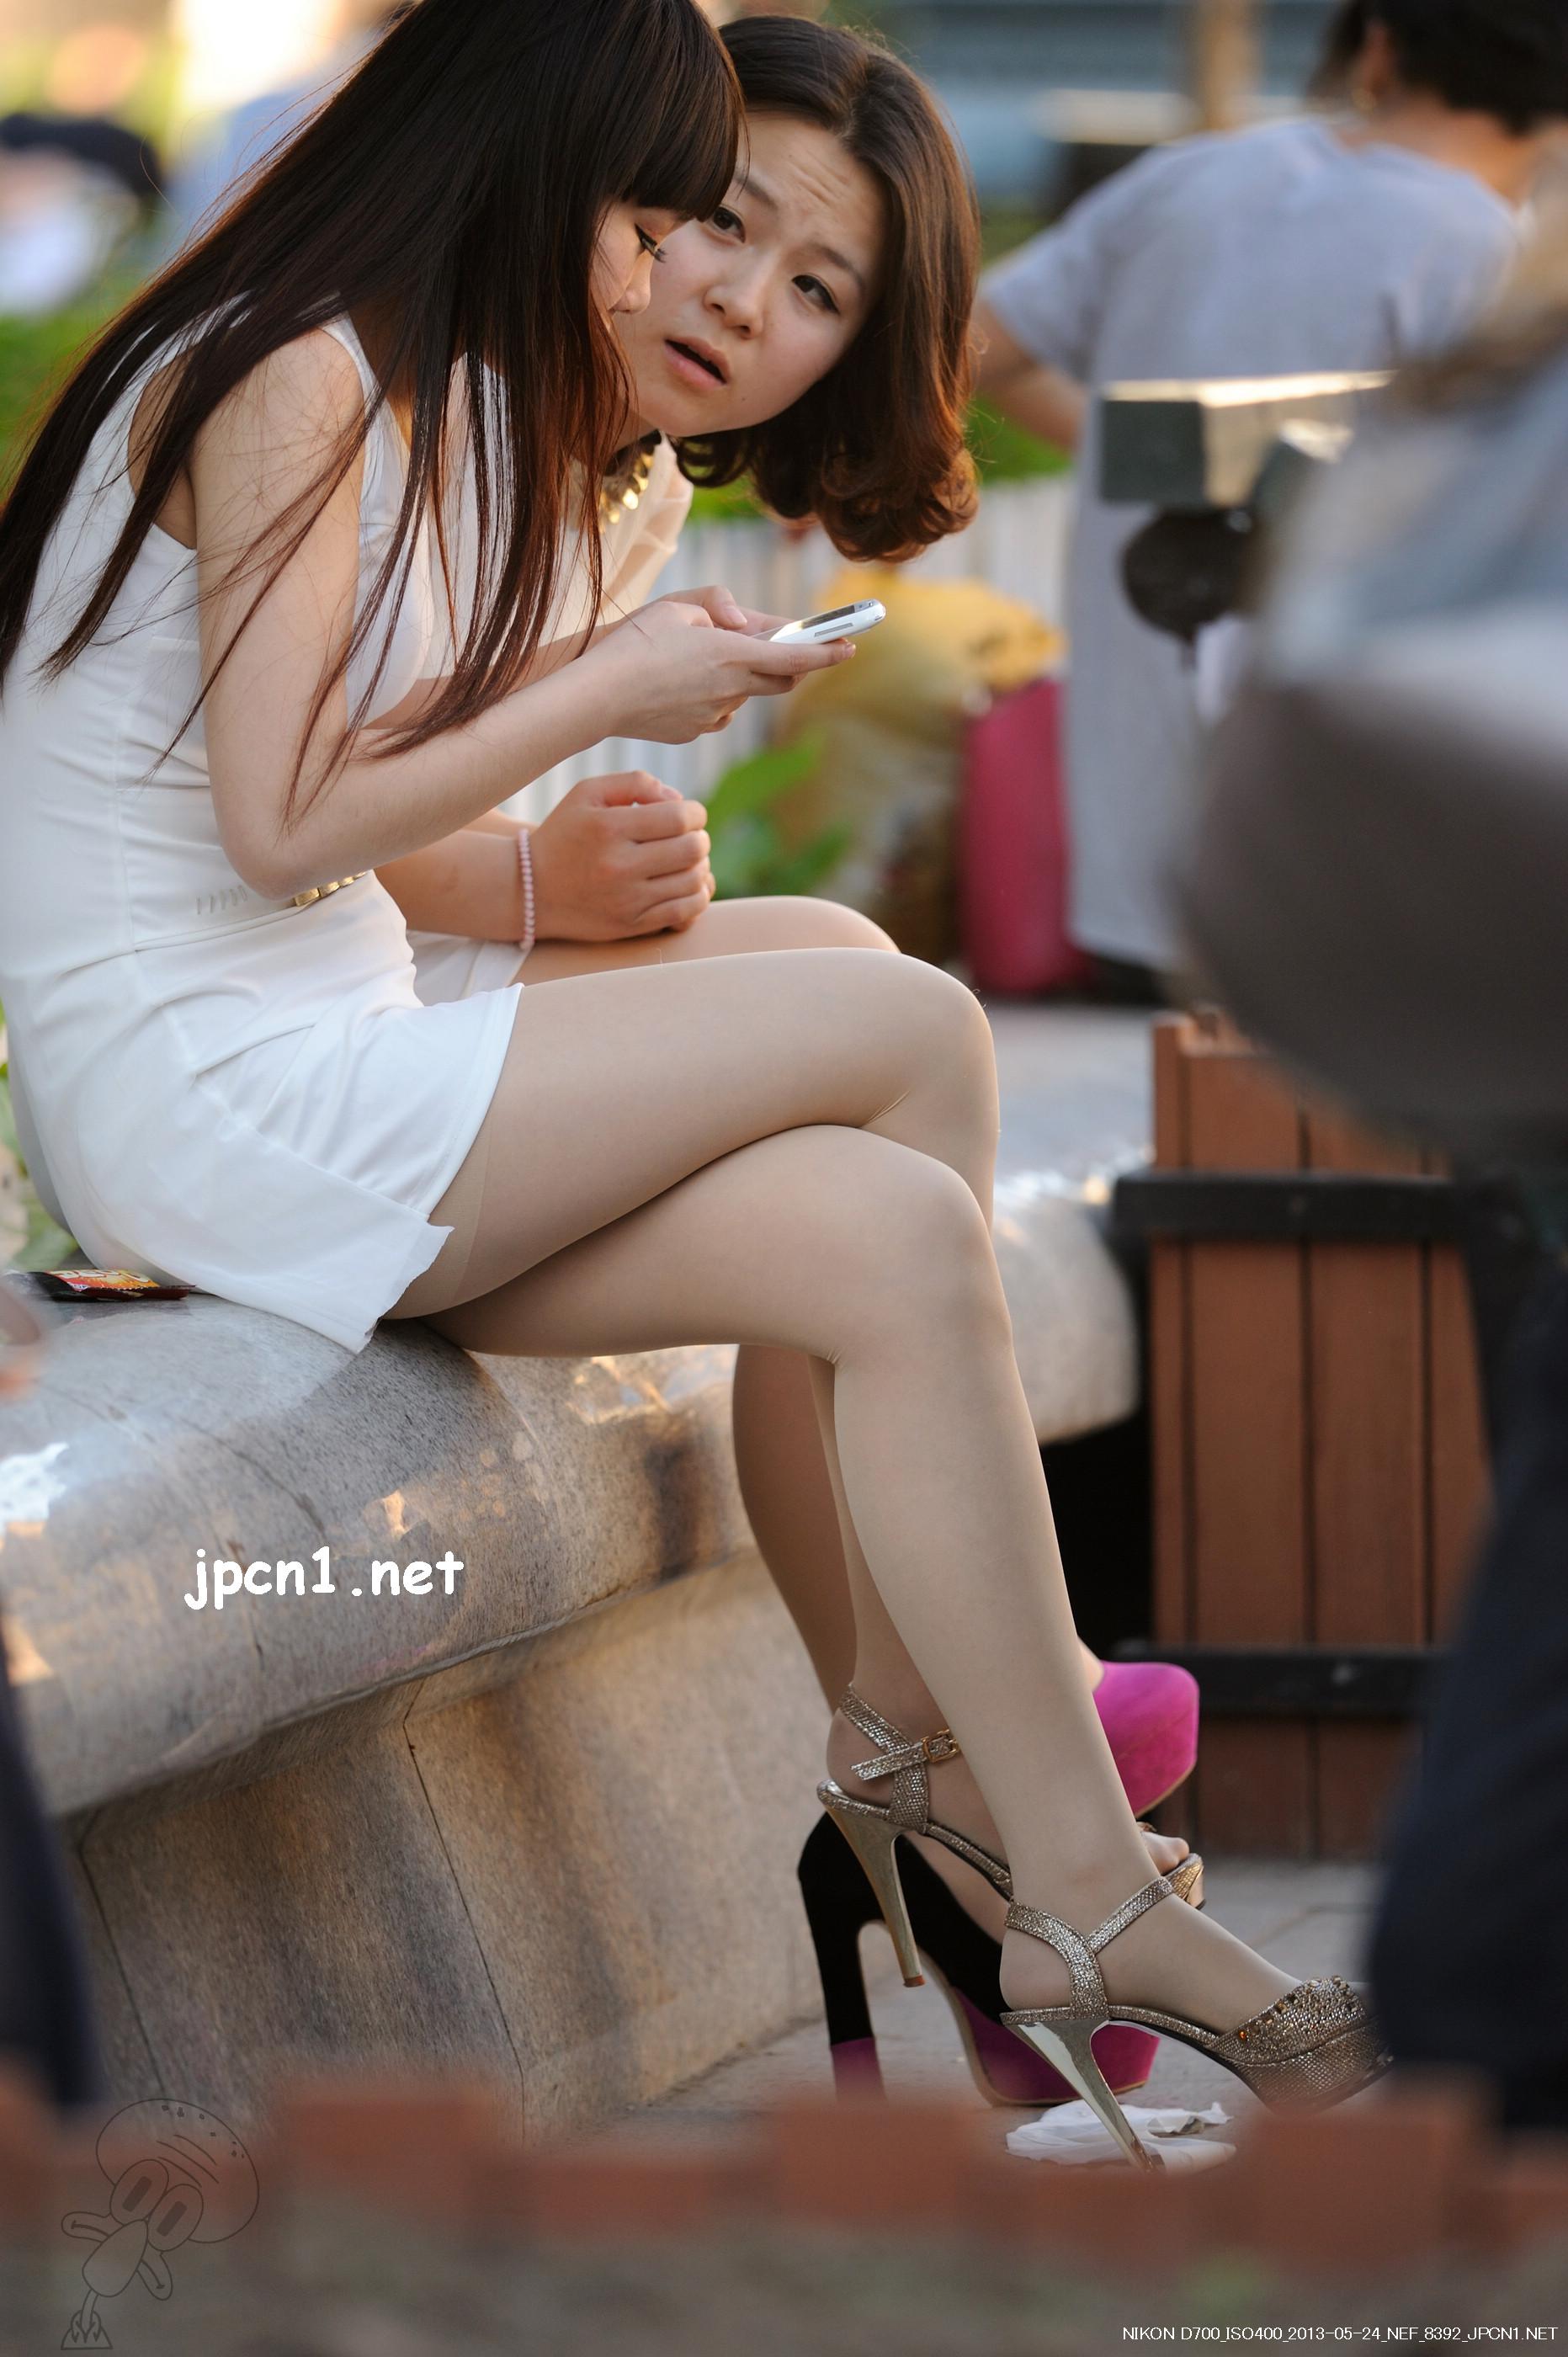 金+粉肉丝高跟-9张 - VIP街拍图片发布- 街拍第一站